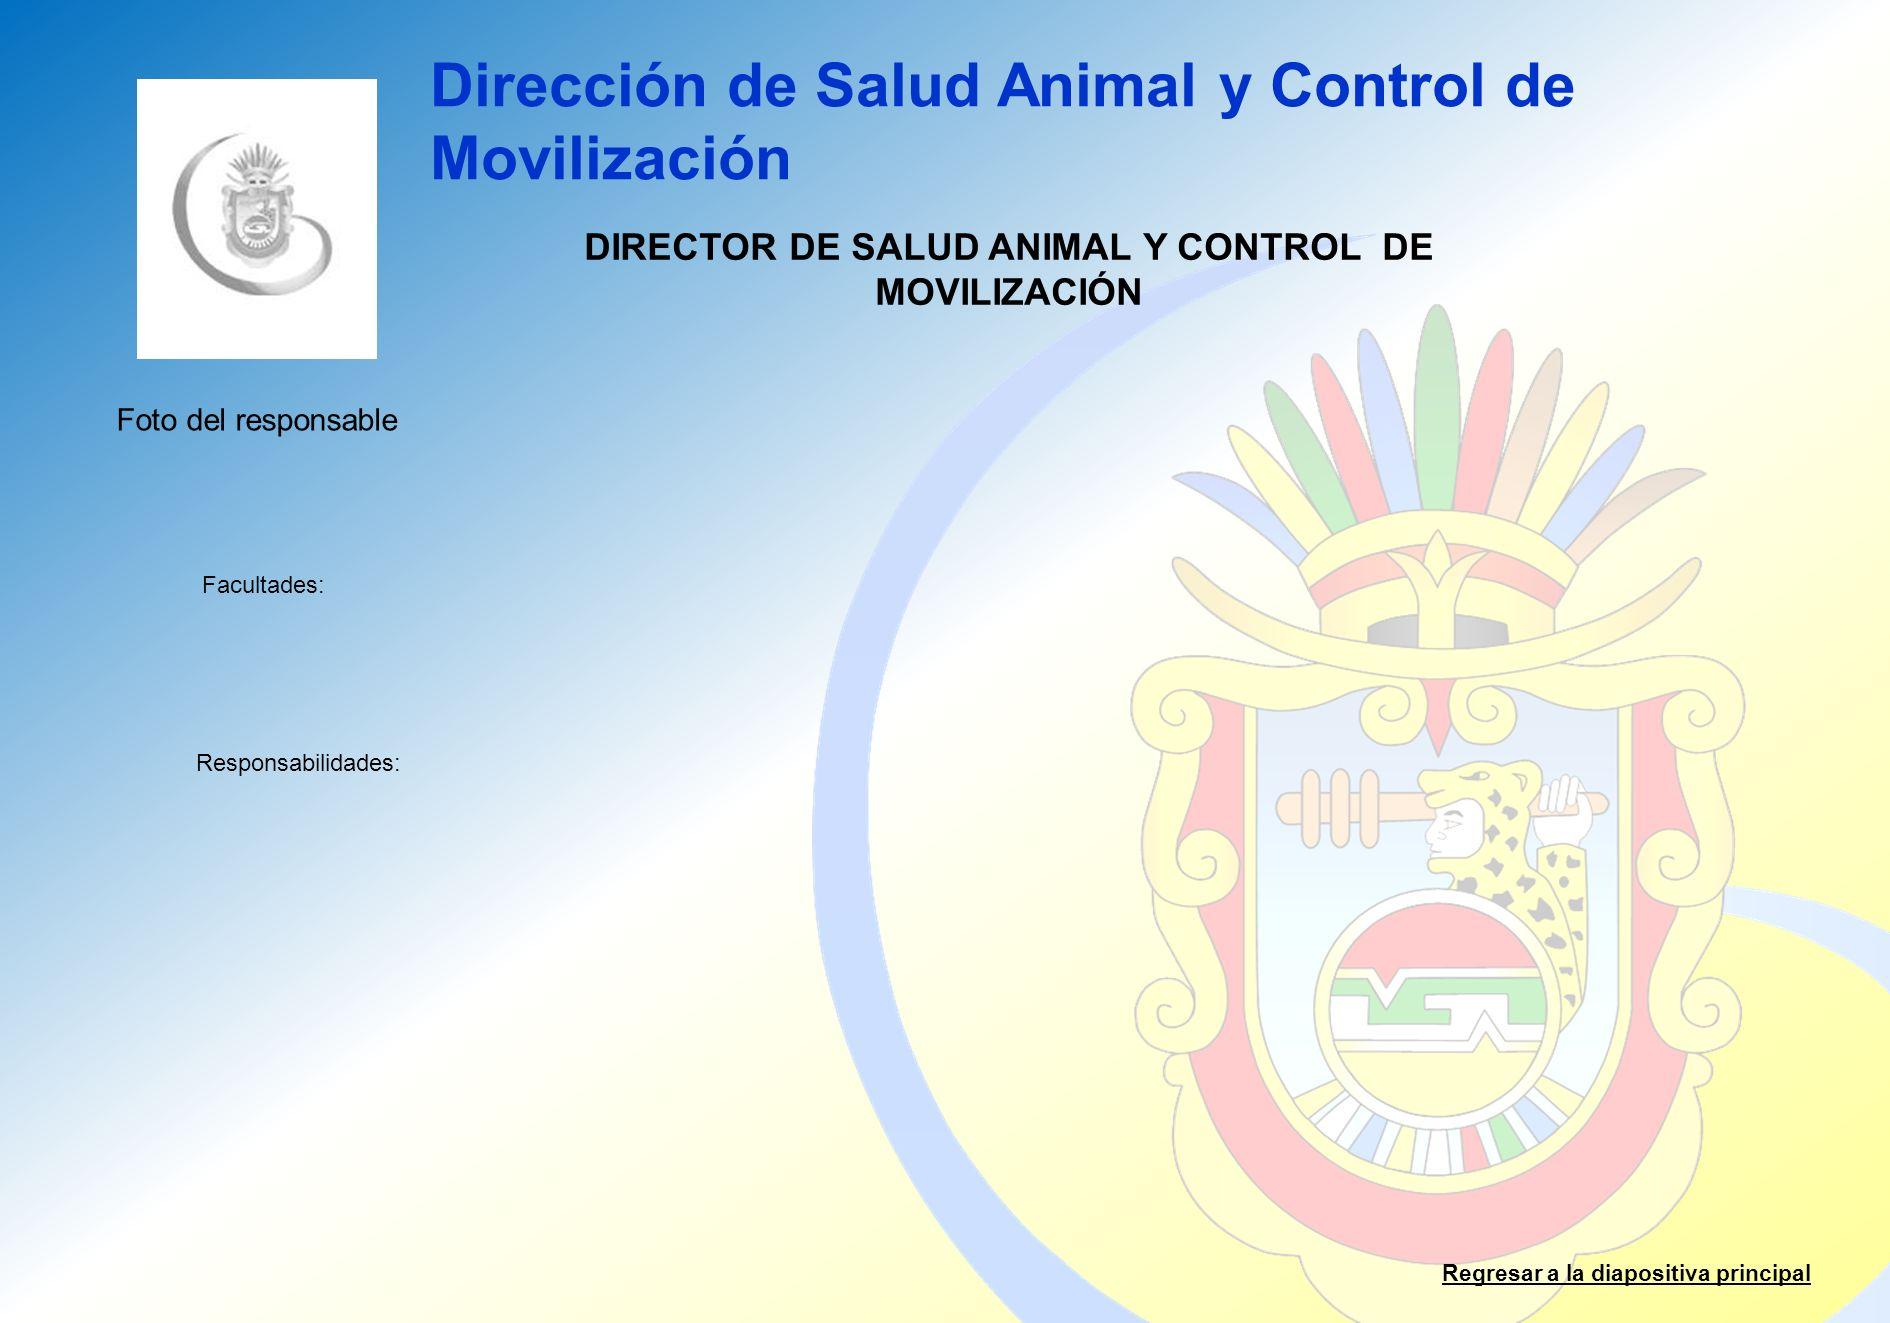 DIRECTOR DE SALUD ANIMAL Y CONTROL DE MOVILIZACIÓN